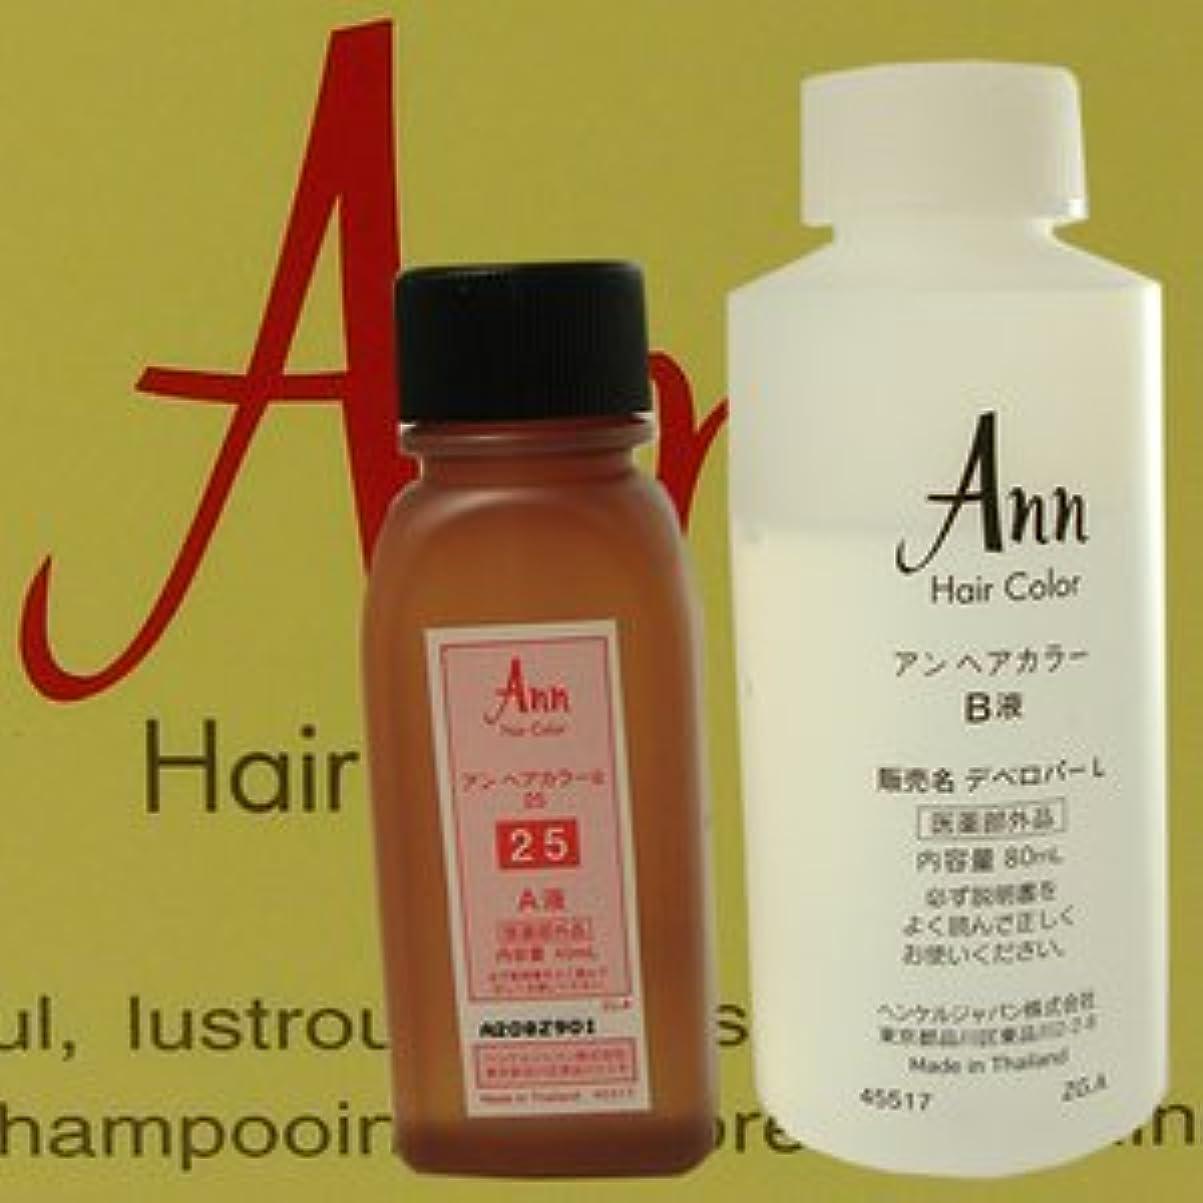 代表してマトロンコーヒーアン ヘアカラー 【白箱】 ANN HAIRCOLOR 24(赤味をおびた暗褐色)